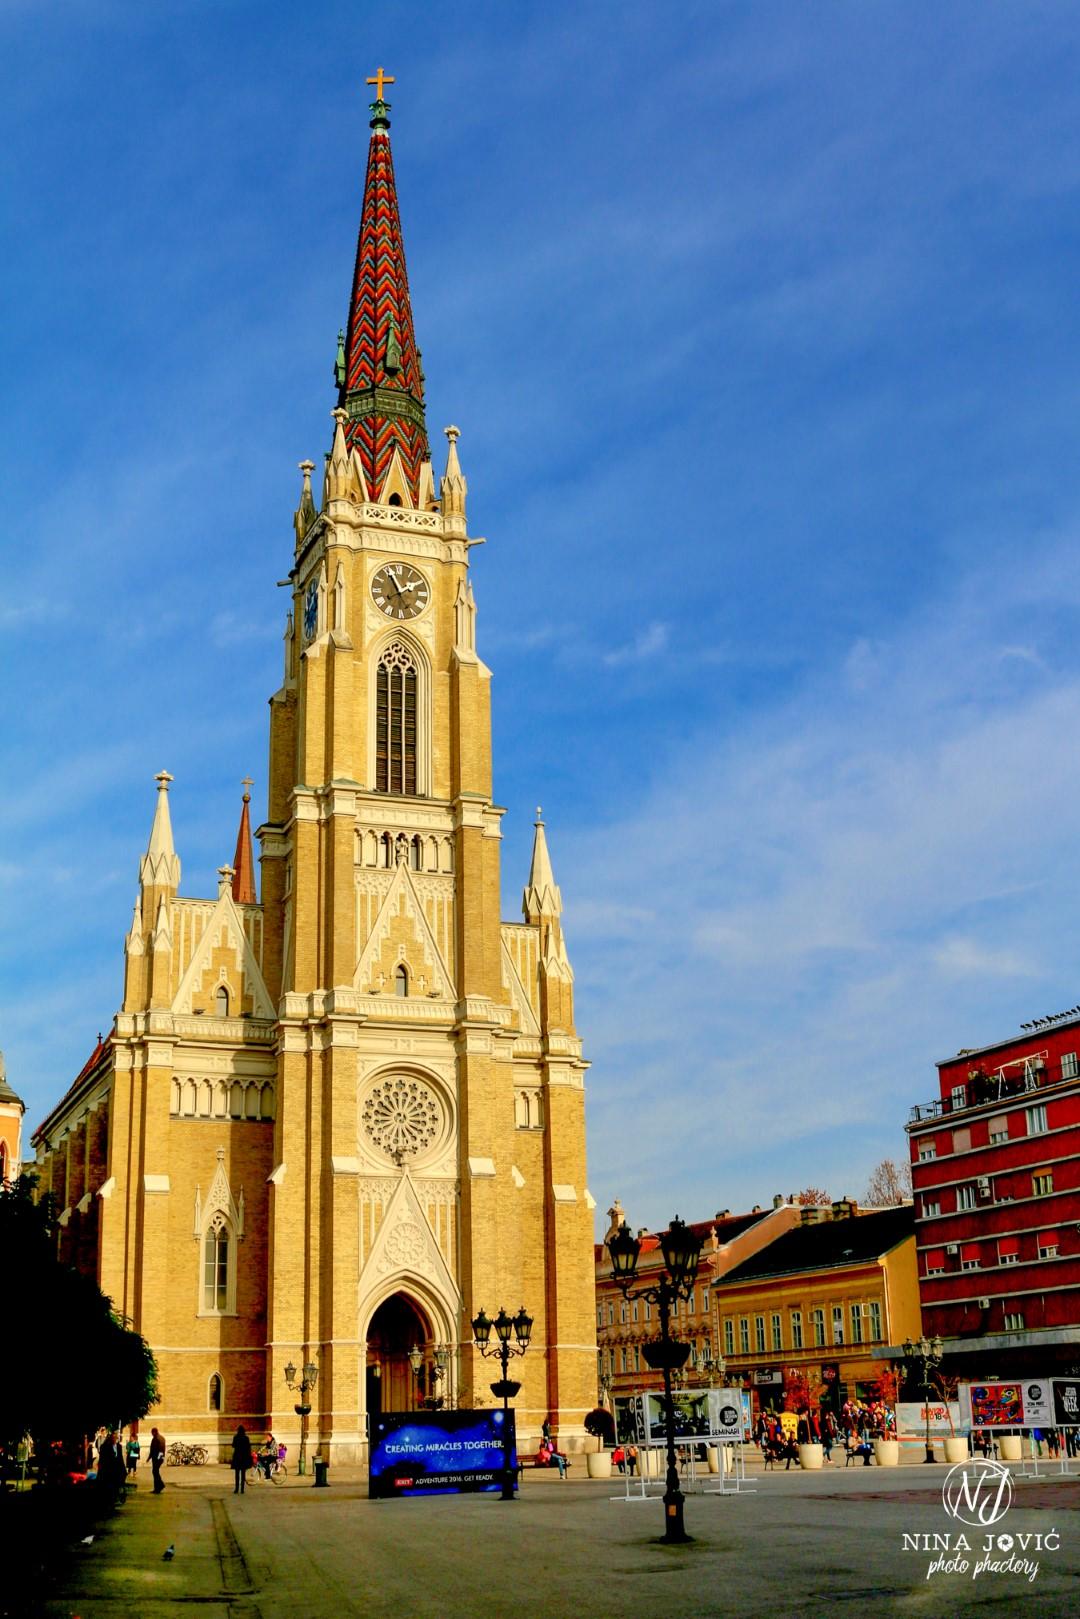 prica Katedrala - Miroslav Farkaš